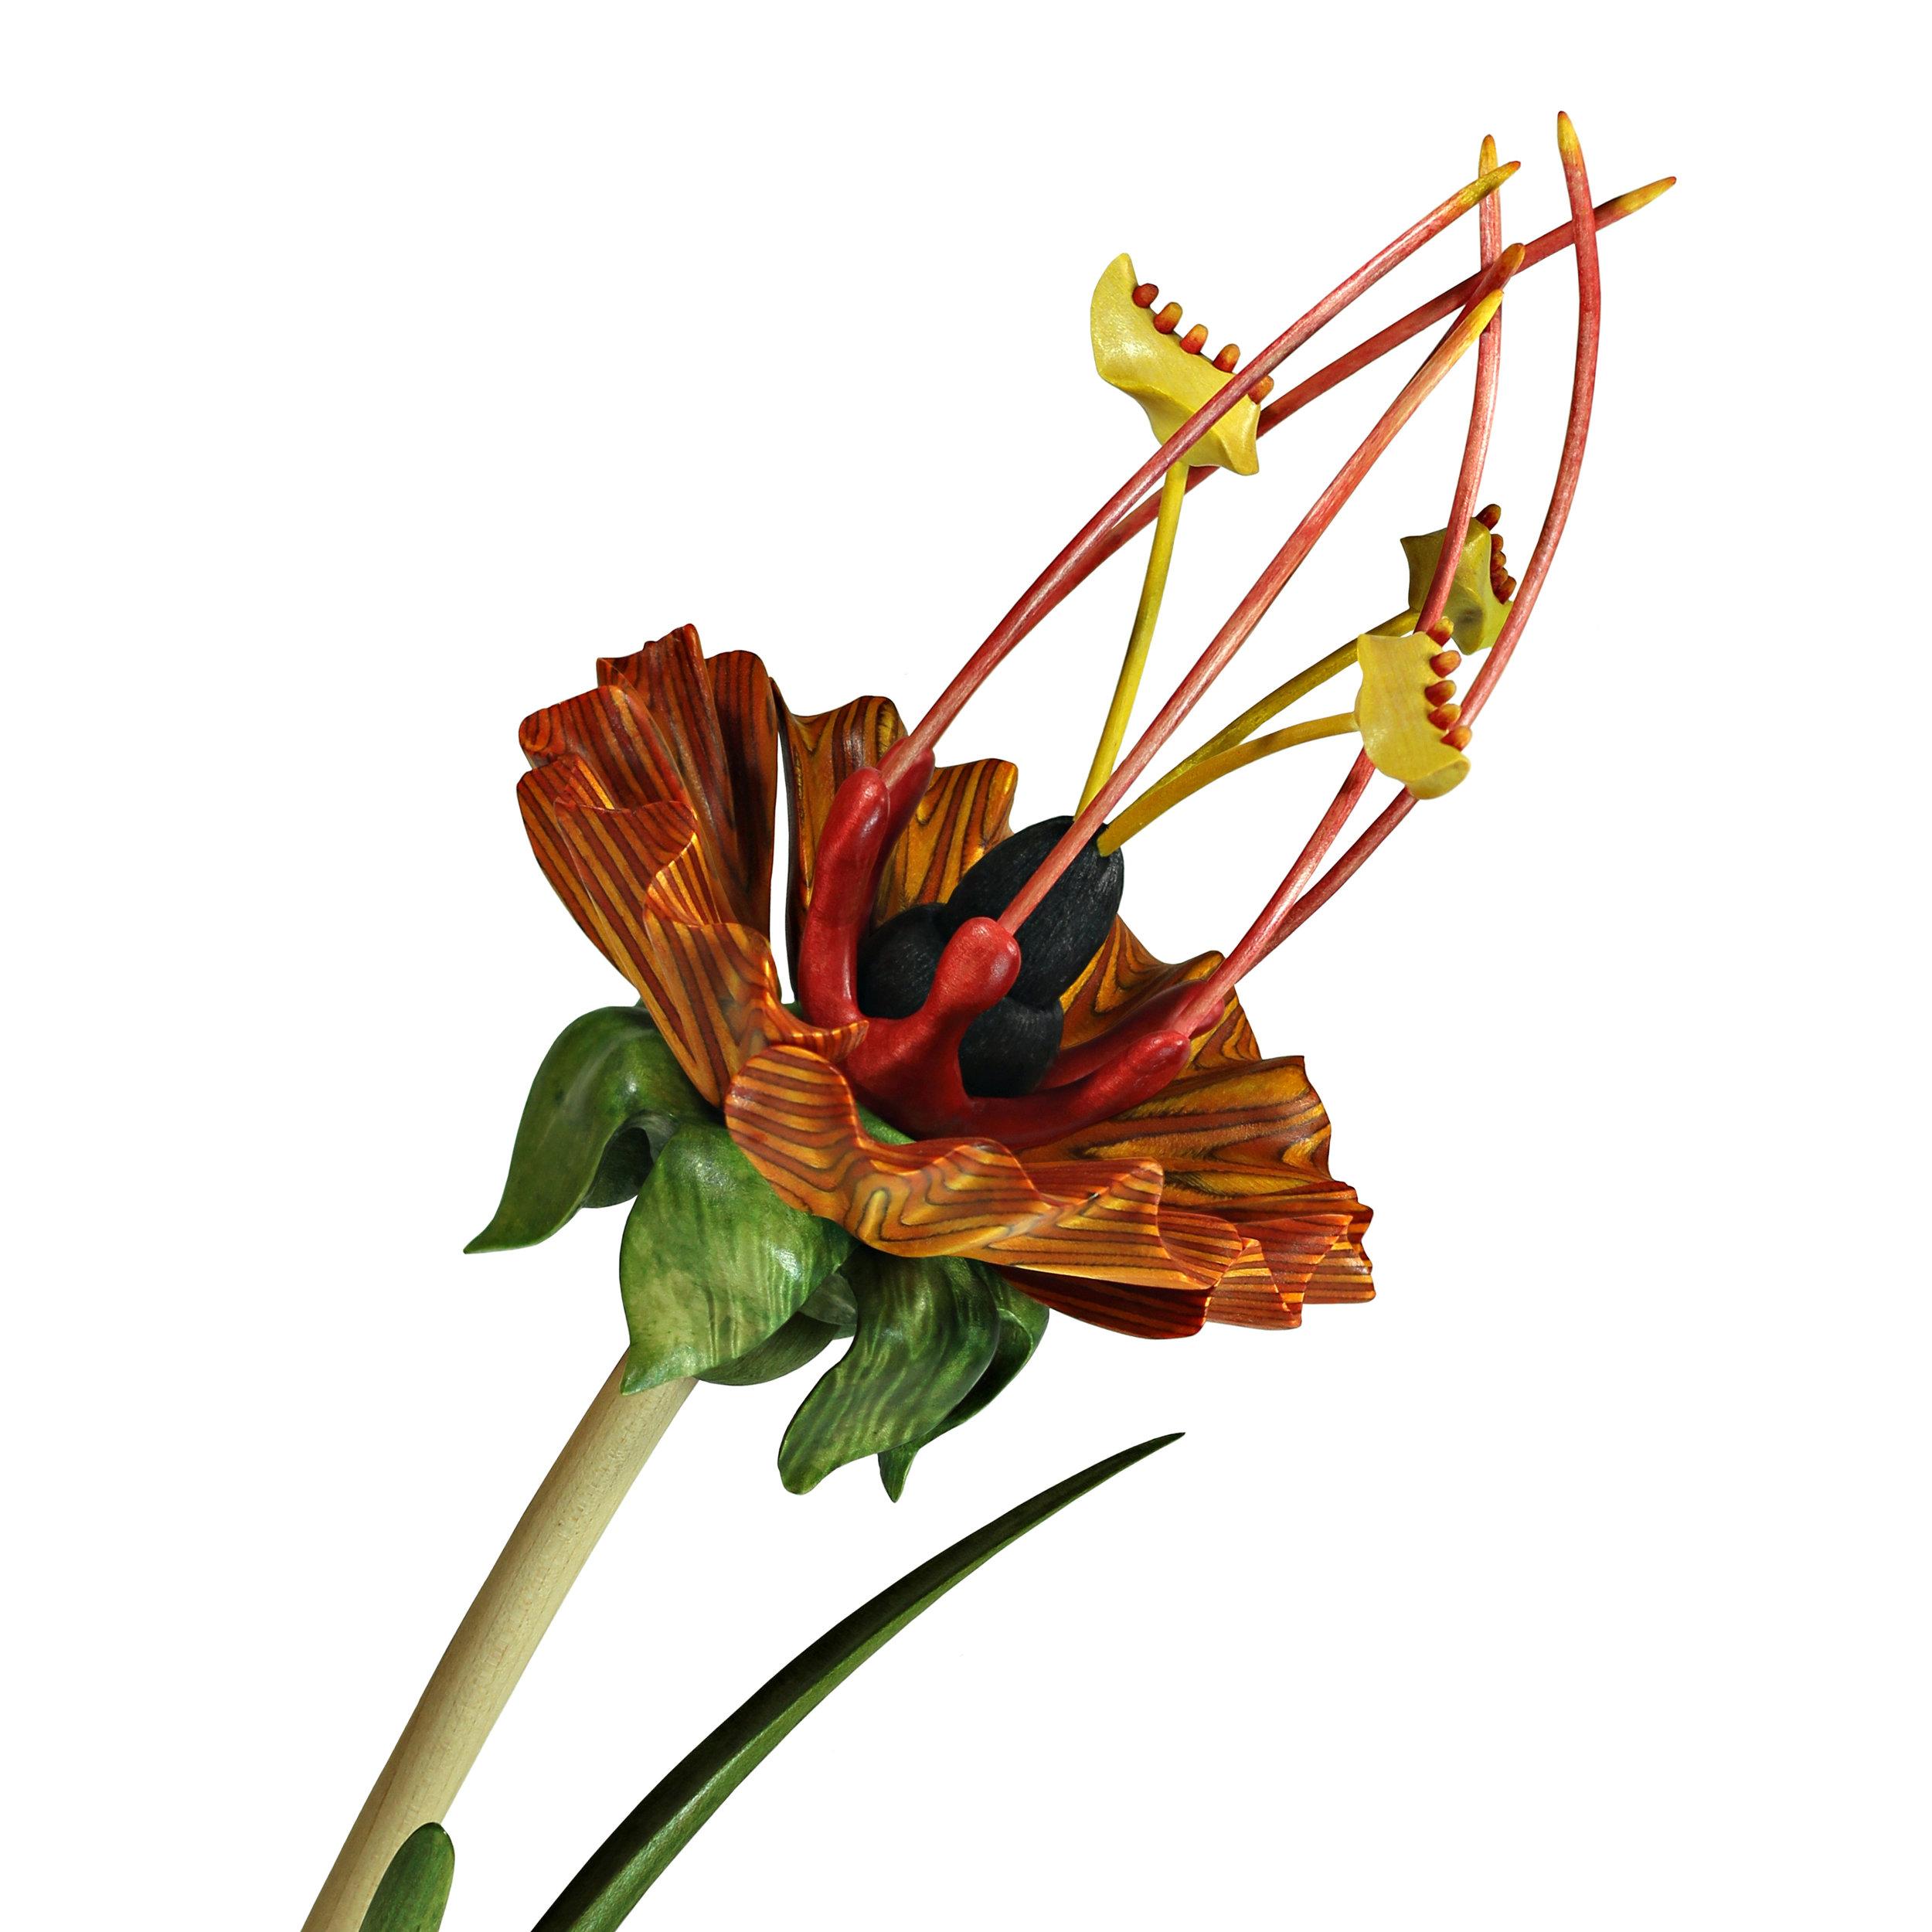 Bloom #22 by Sam Hingston